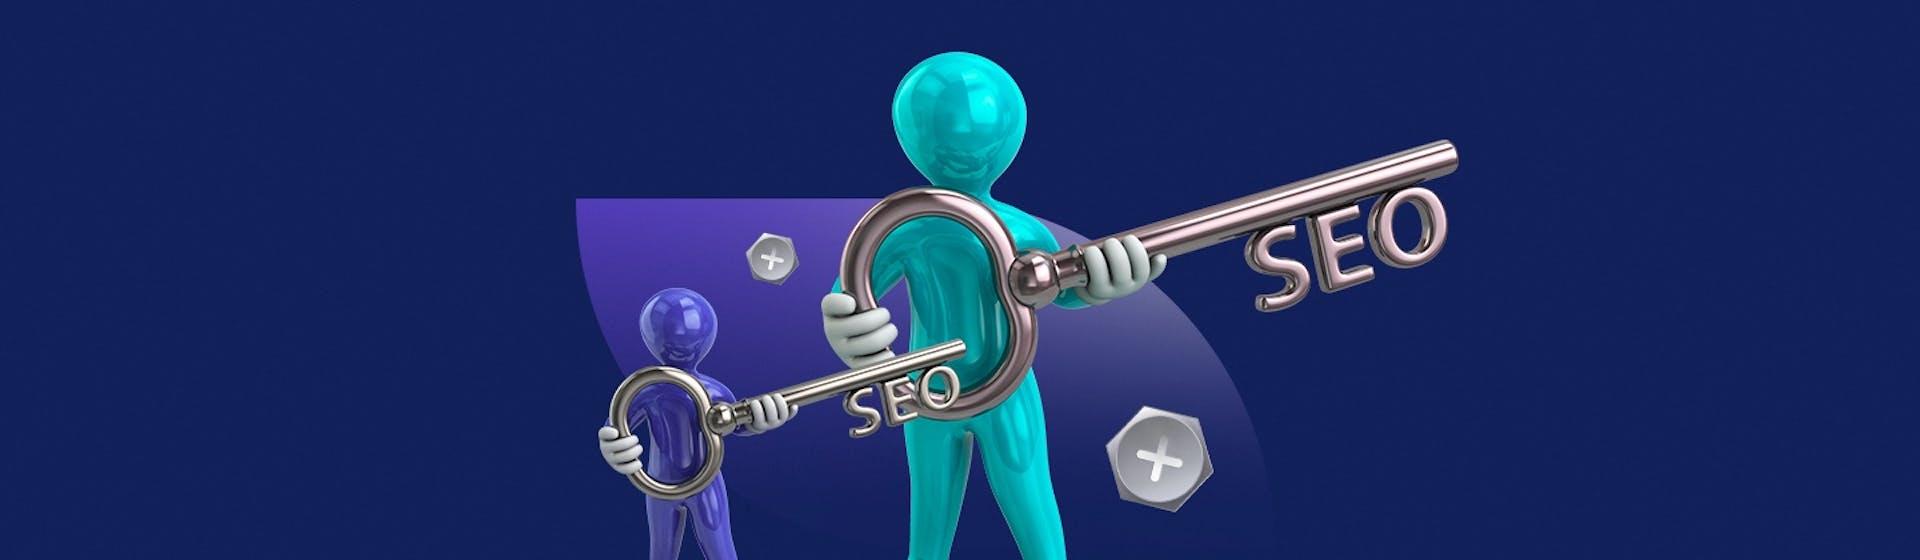 +10 herramientas para keyword research, las mejores plataformas para la búsqueda de palabras clave